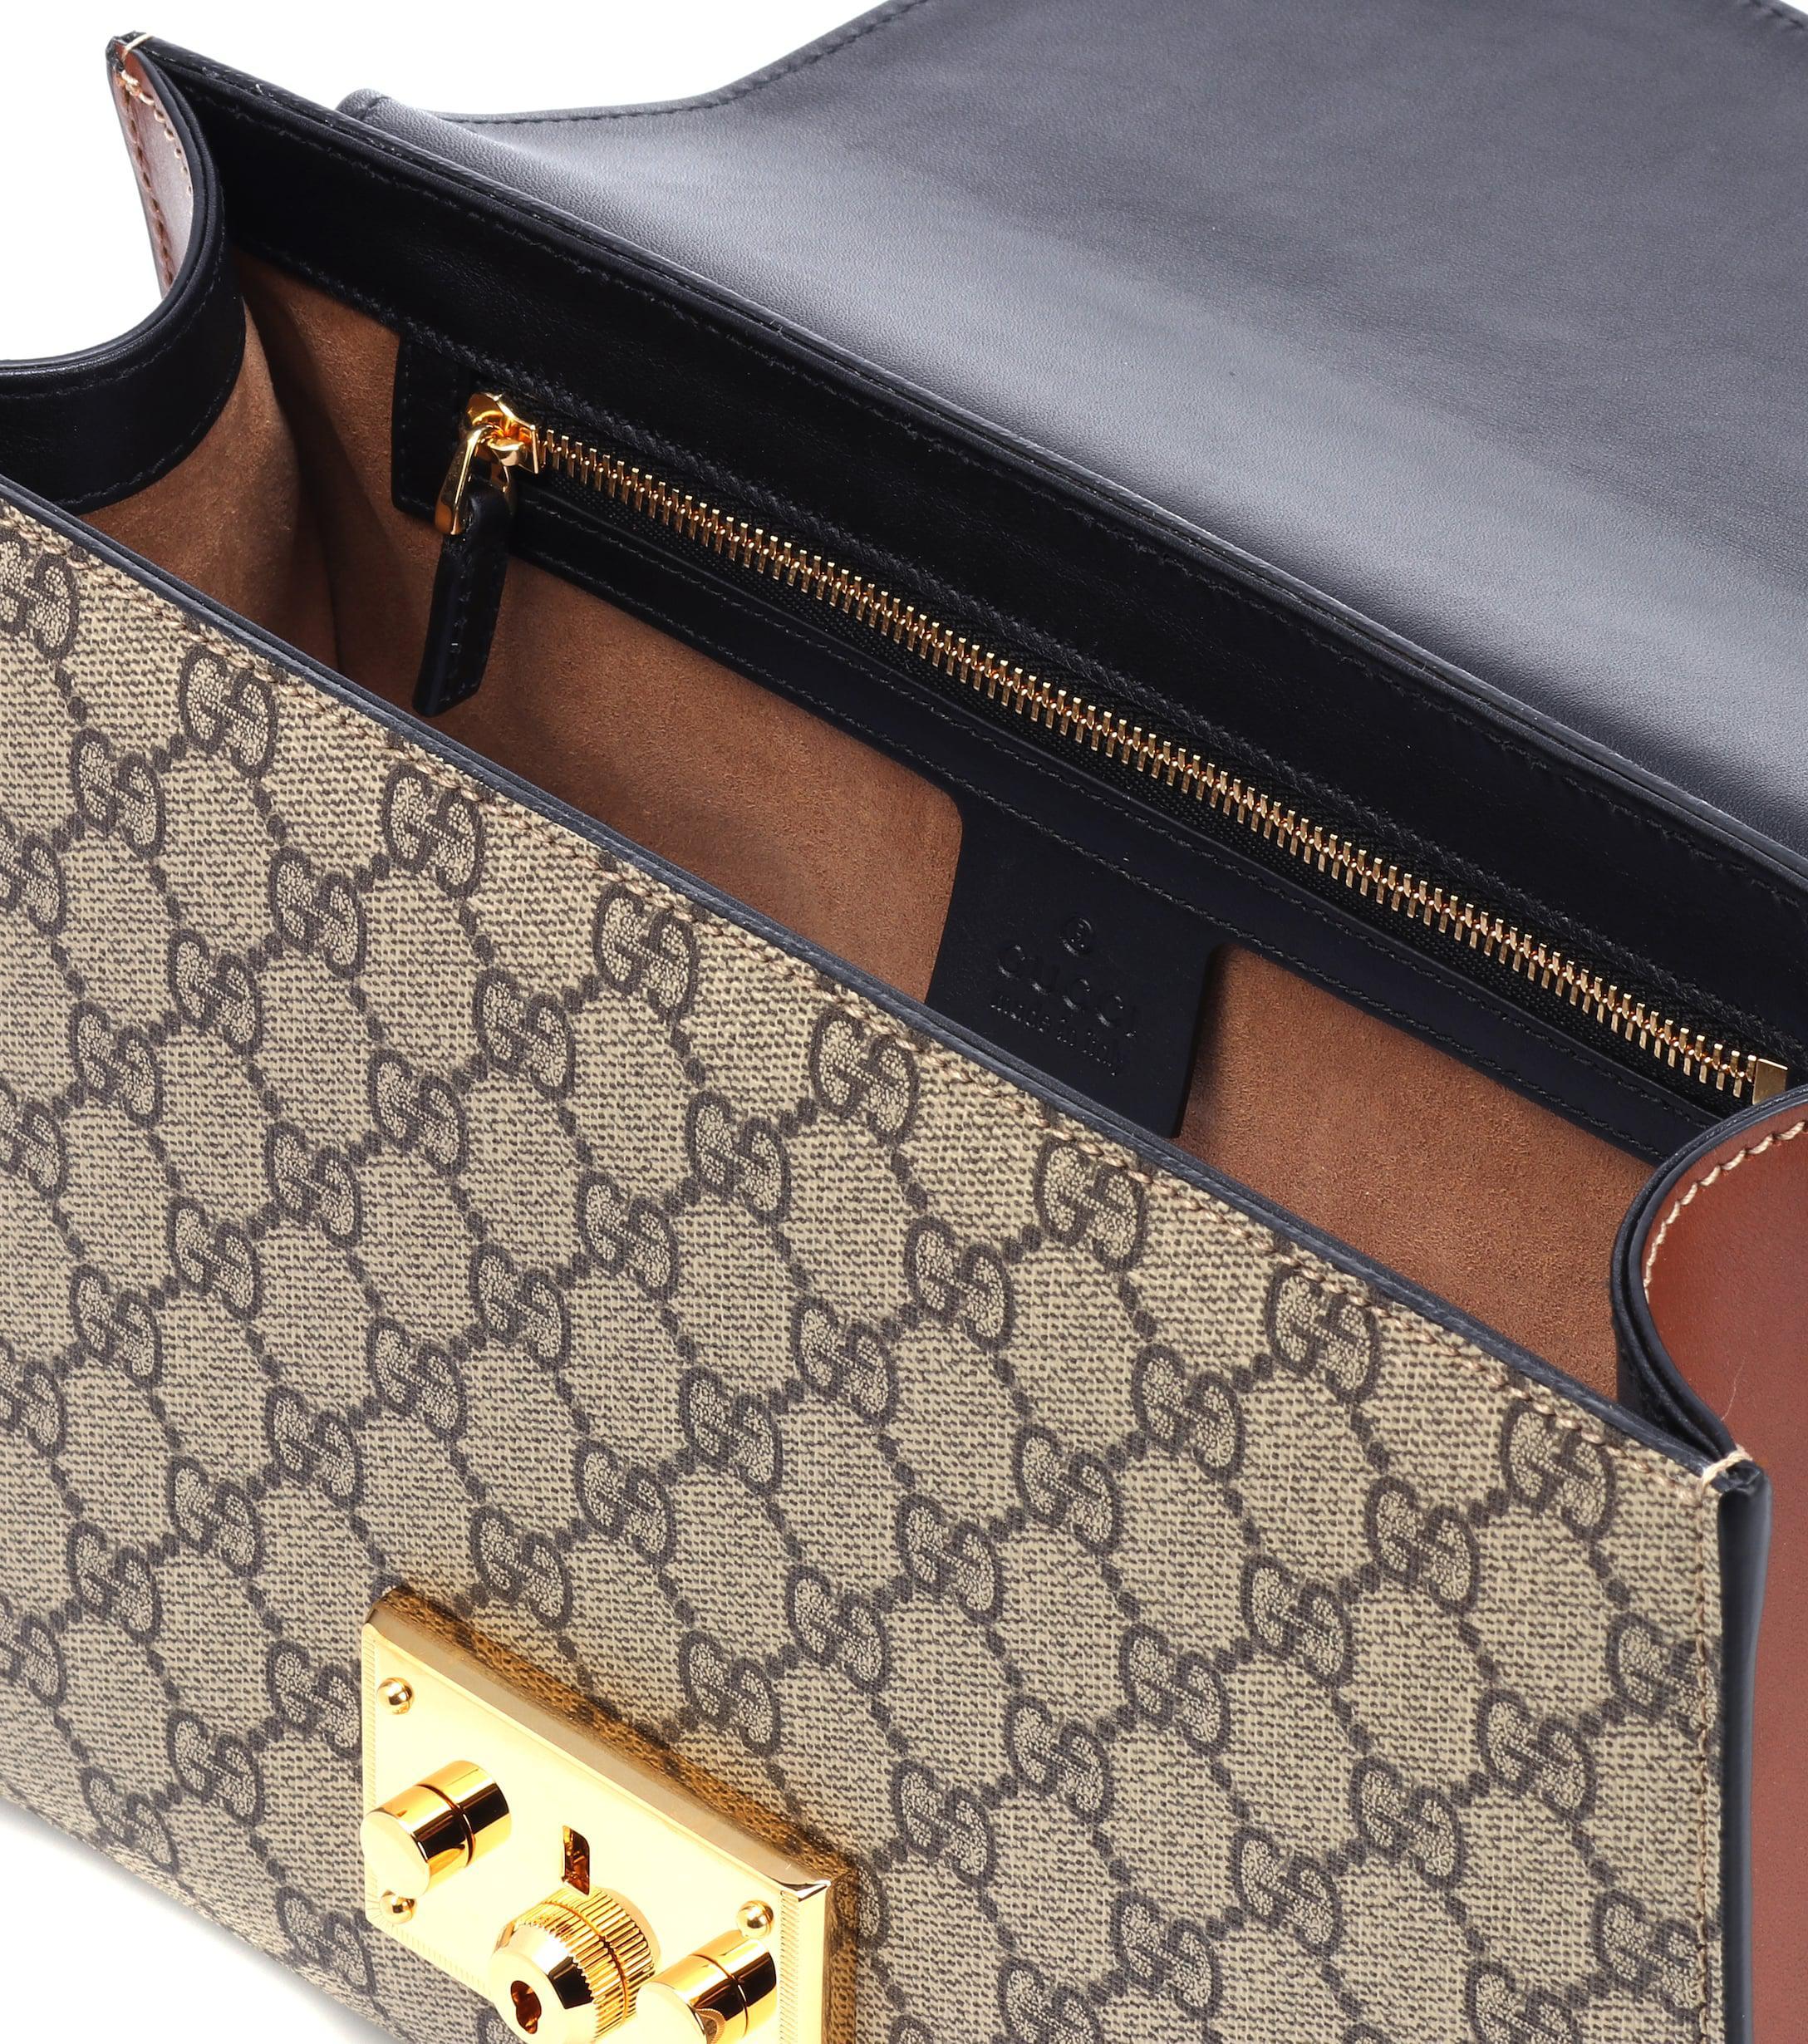 373aa5a18bc6e Gucci - Multicolor Padlock GG Supreme Medium Shoulder Bag - Lyst. View  fullscreen